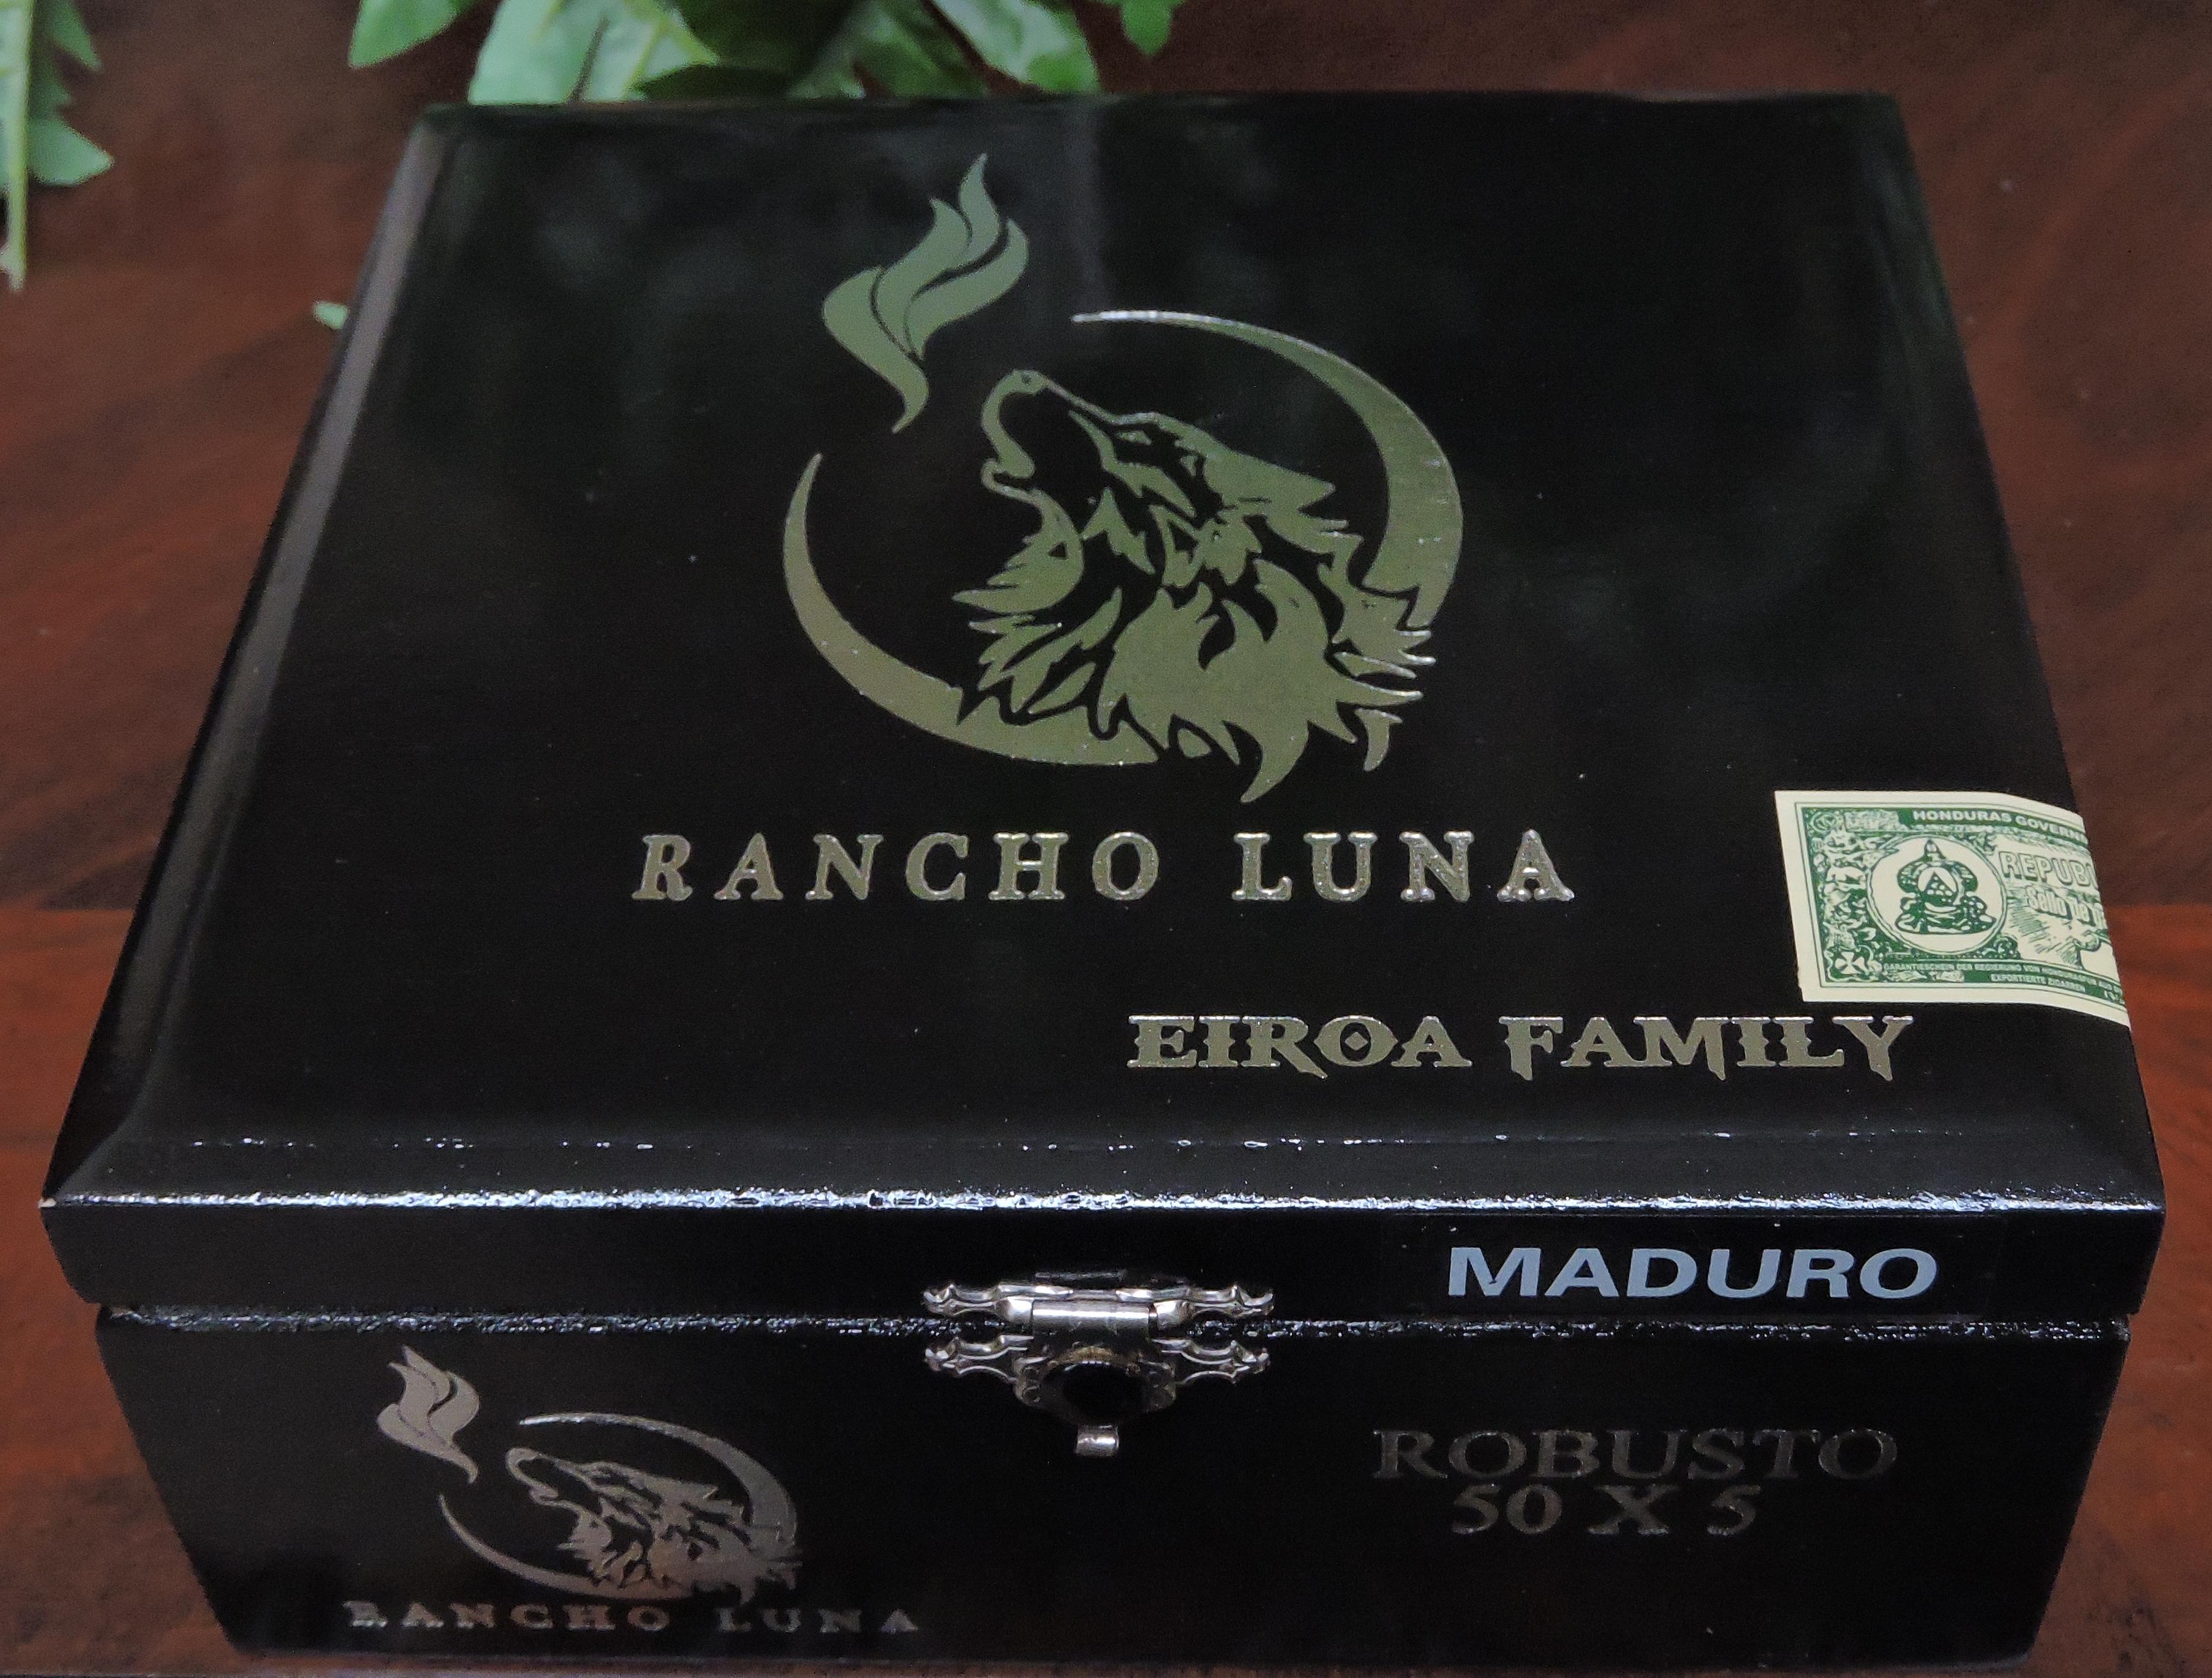 Closed Box of the Rancho Luna Maduro Robusto